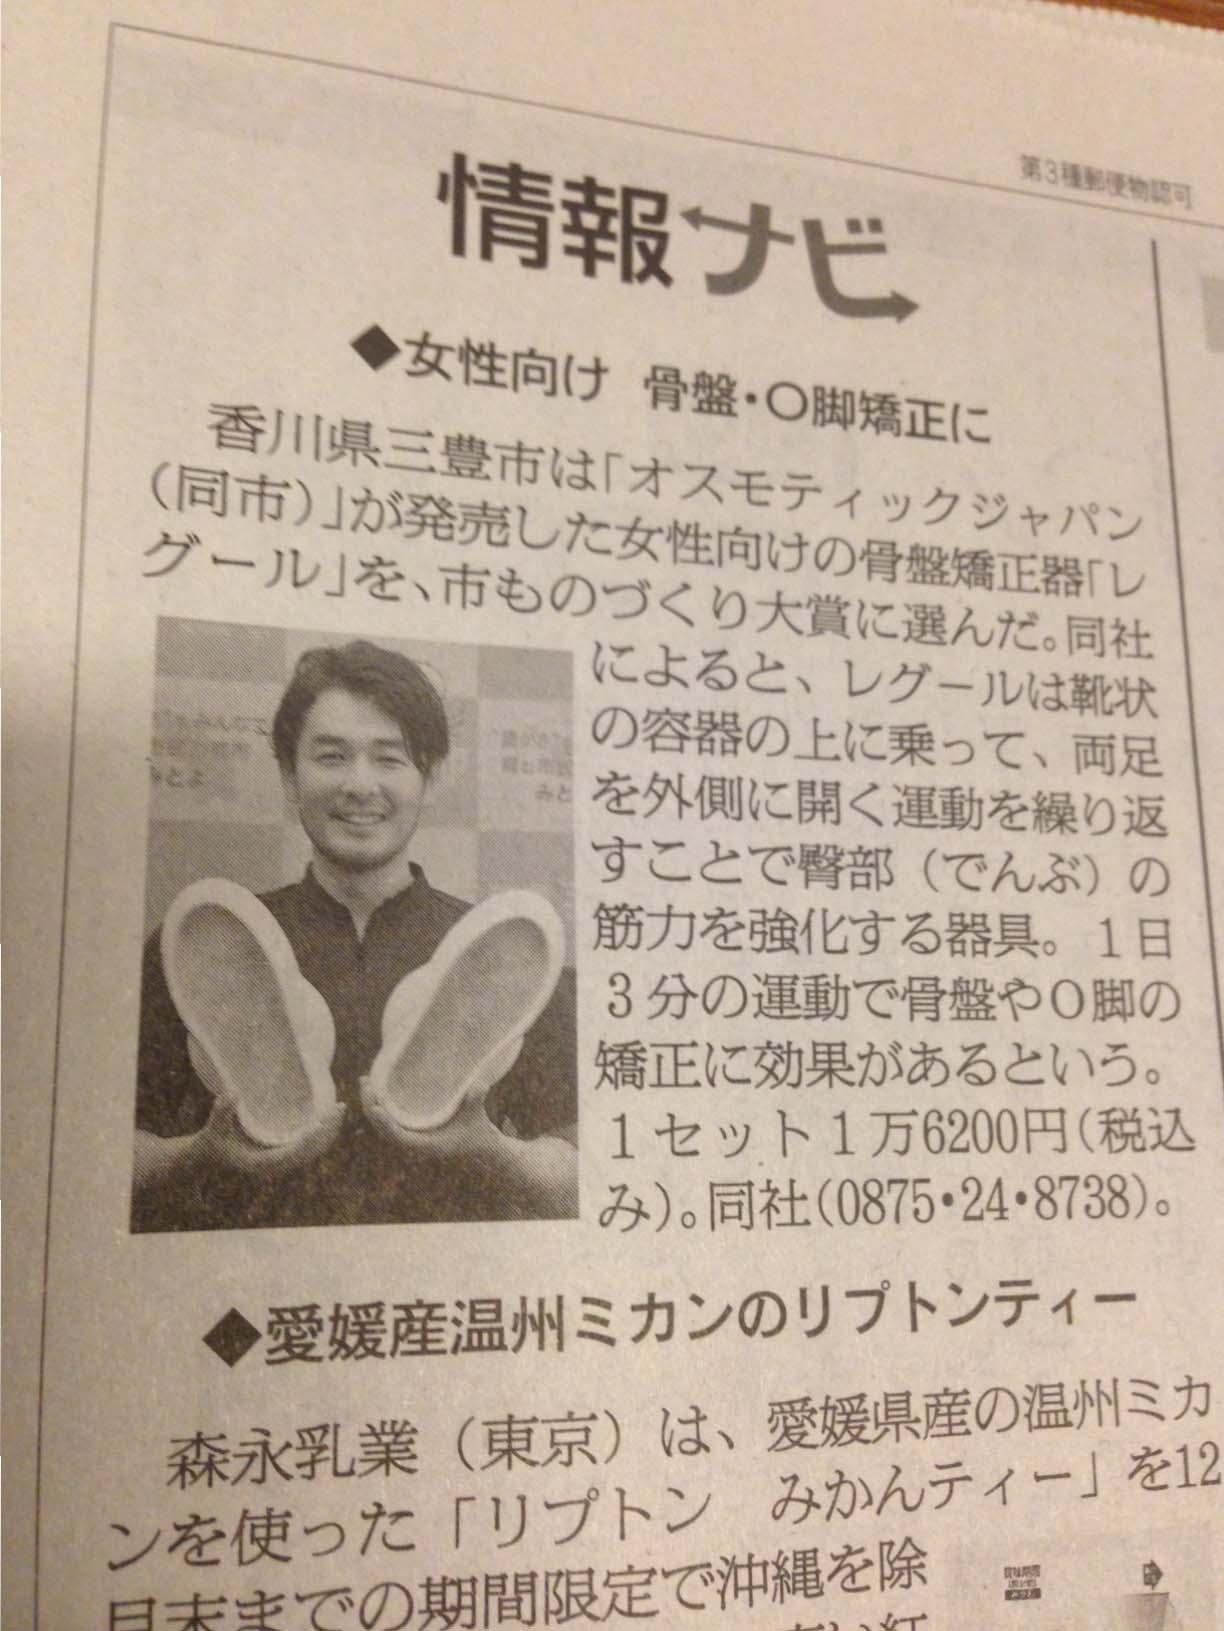 朝日新聞 女性向け 骨盤・O脚矯正にレグール